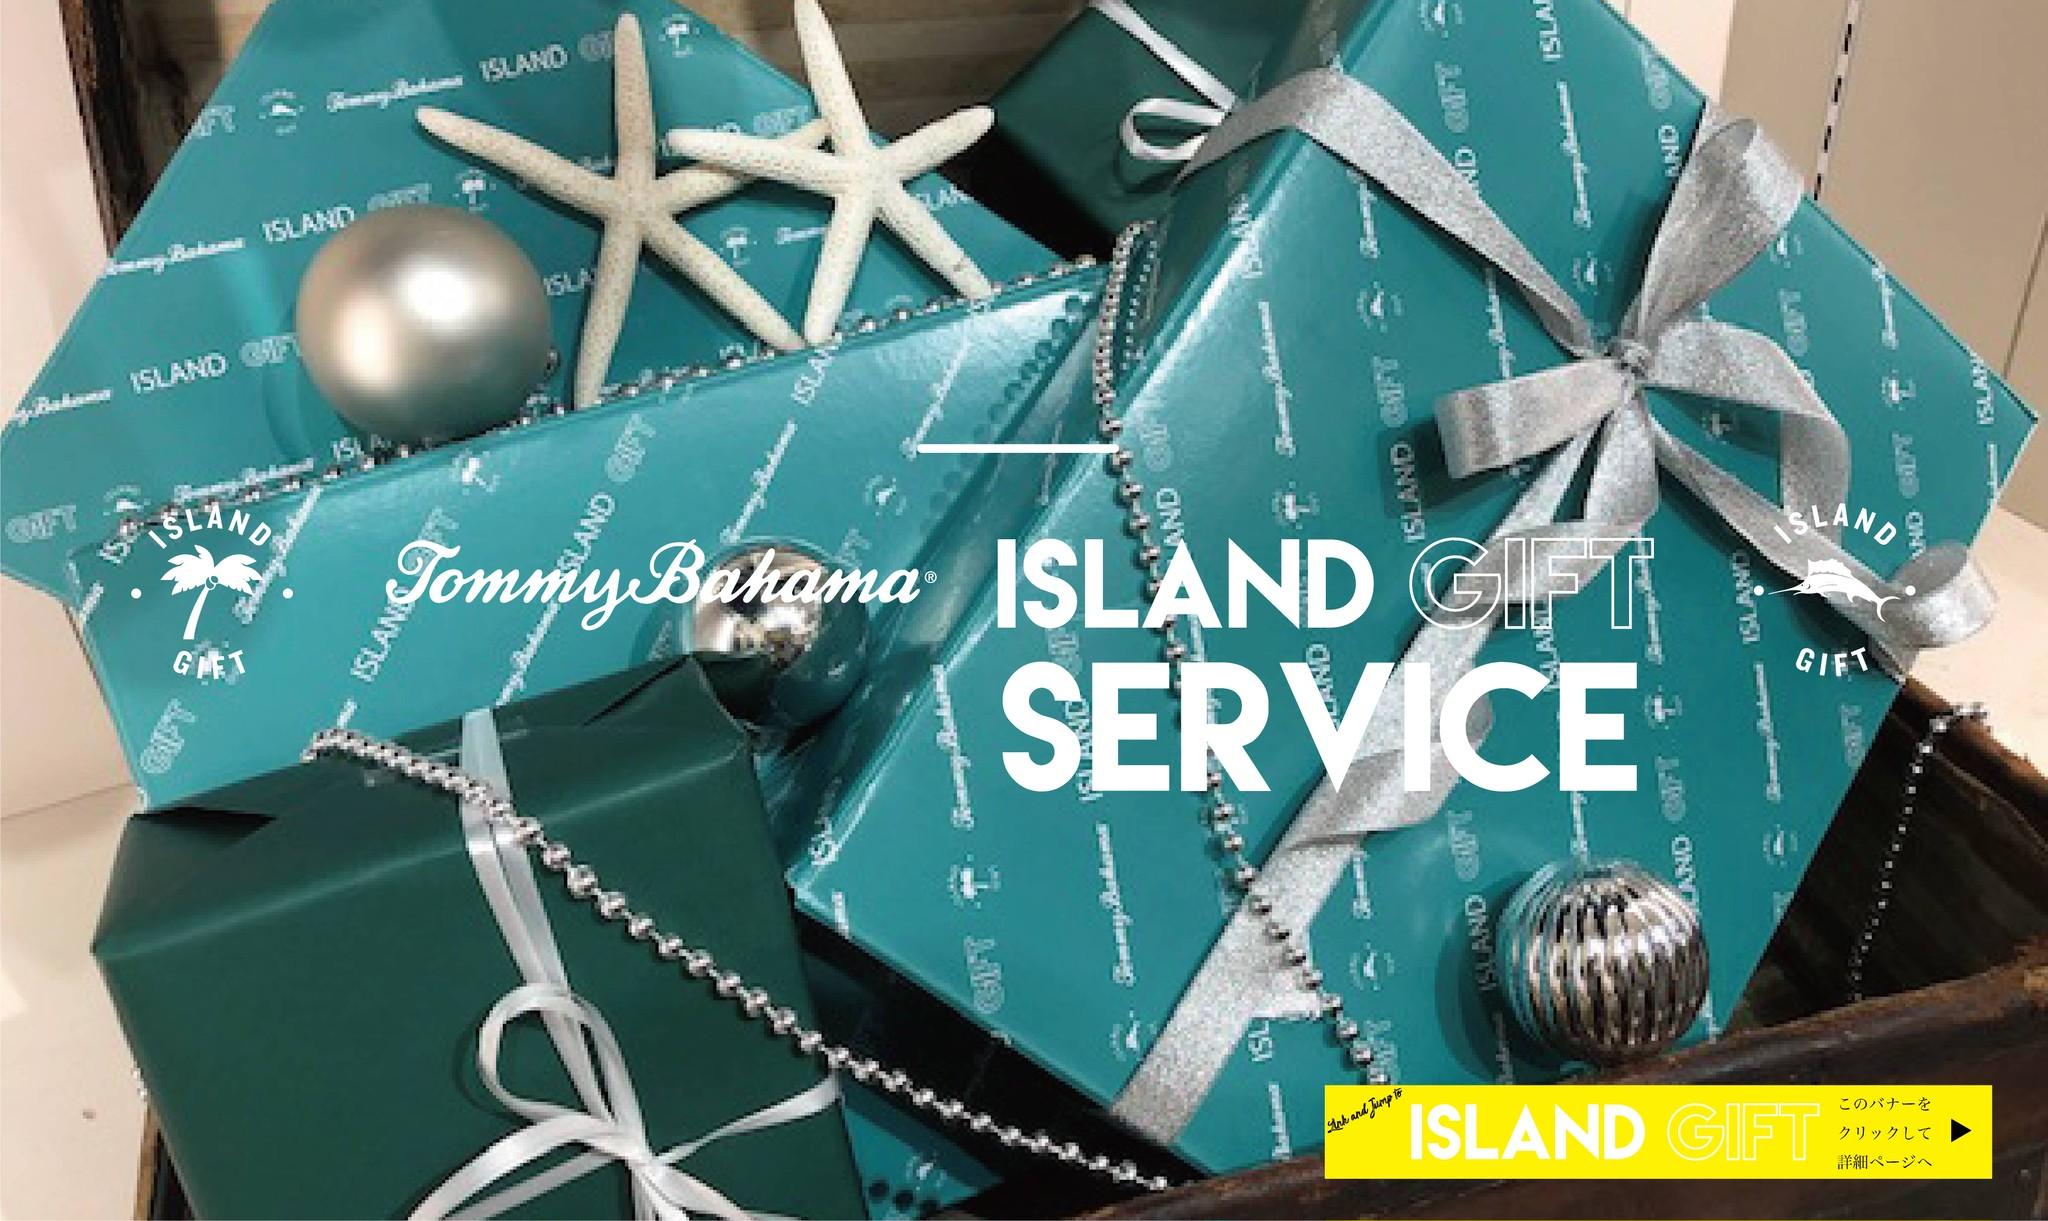 冬のギフトはTommy Bahamaで!限定ギフトBOXサービスを開始